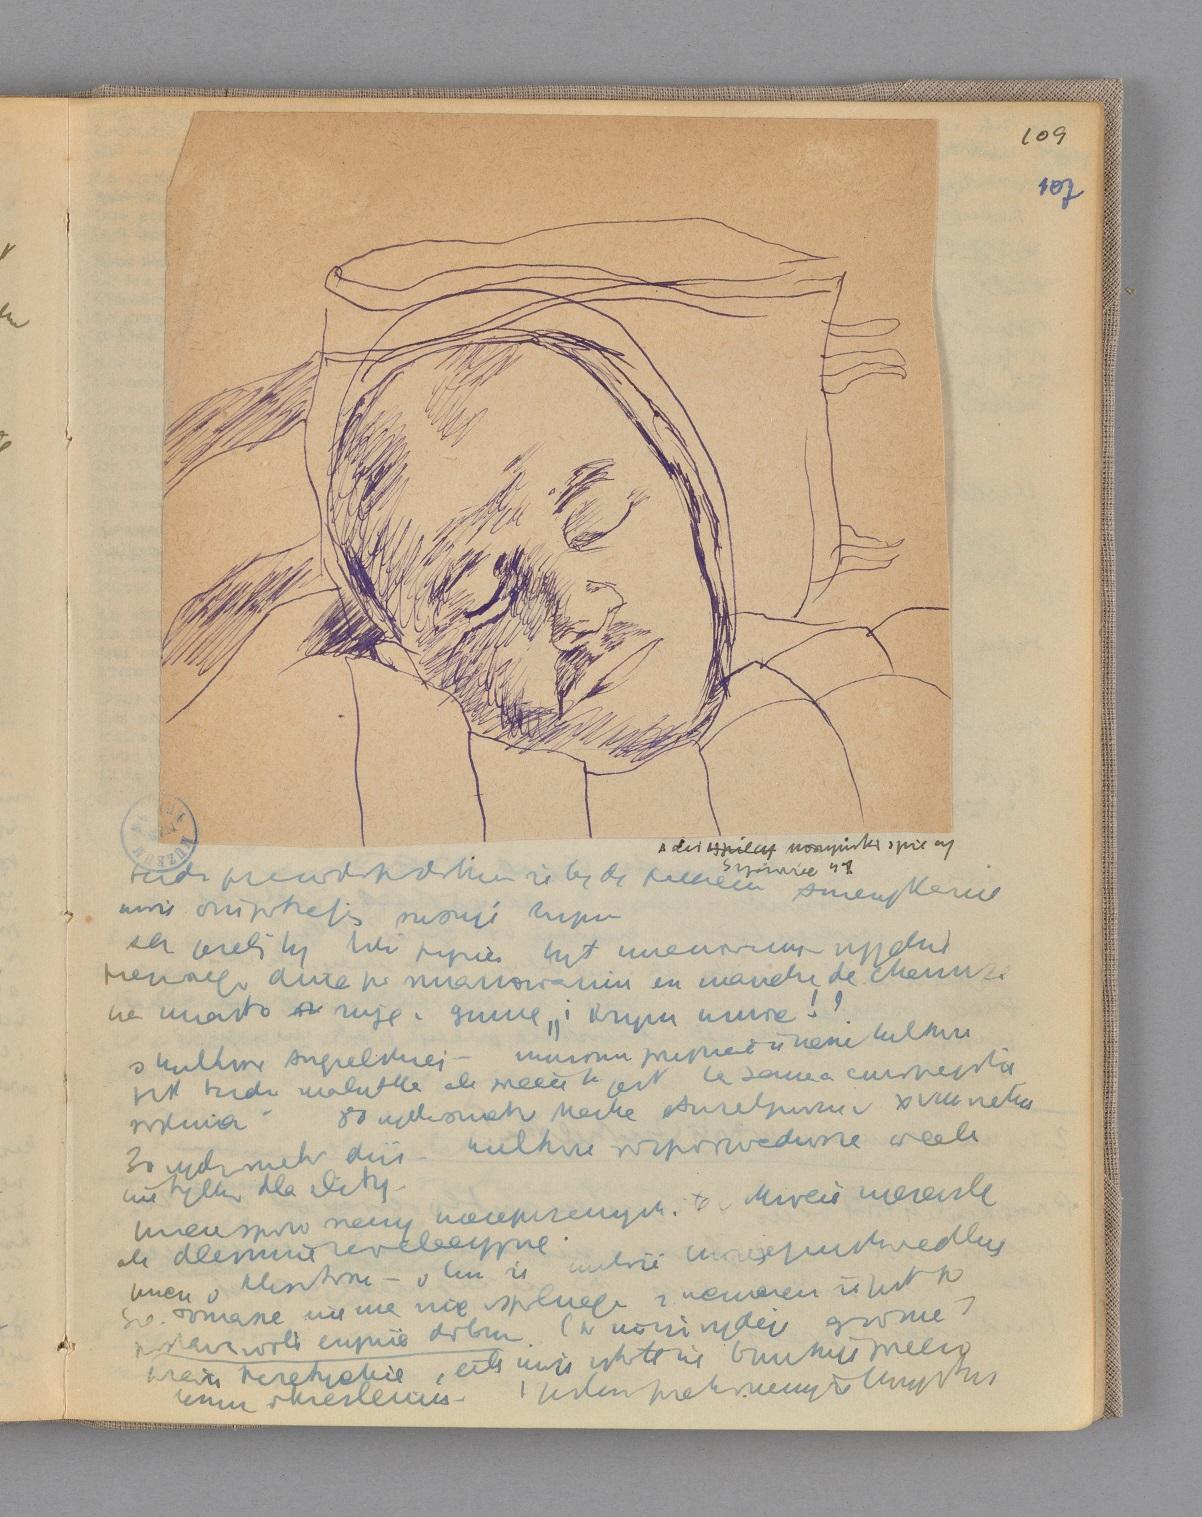 Zdjęcie strony dziennika Józefa Czapskiego - rysunek ołówkiem przedstawiający twarz śpiącego mężczyzny.